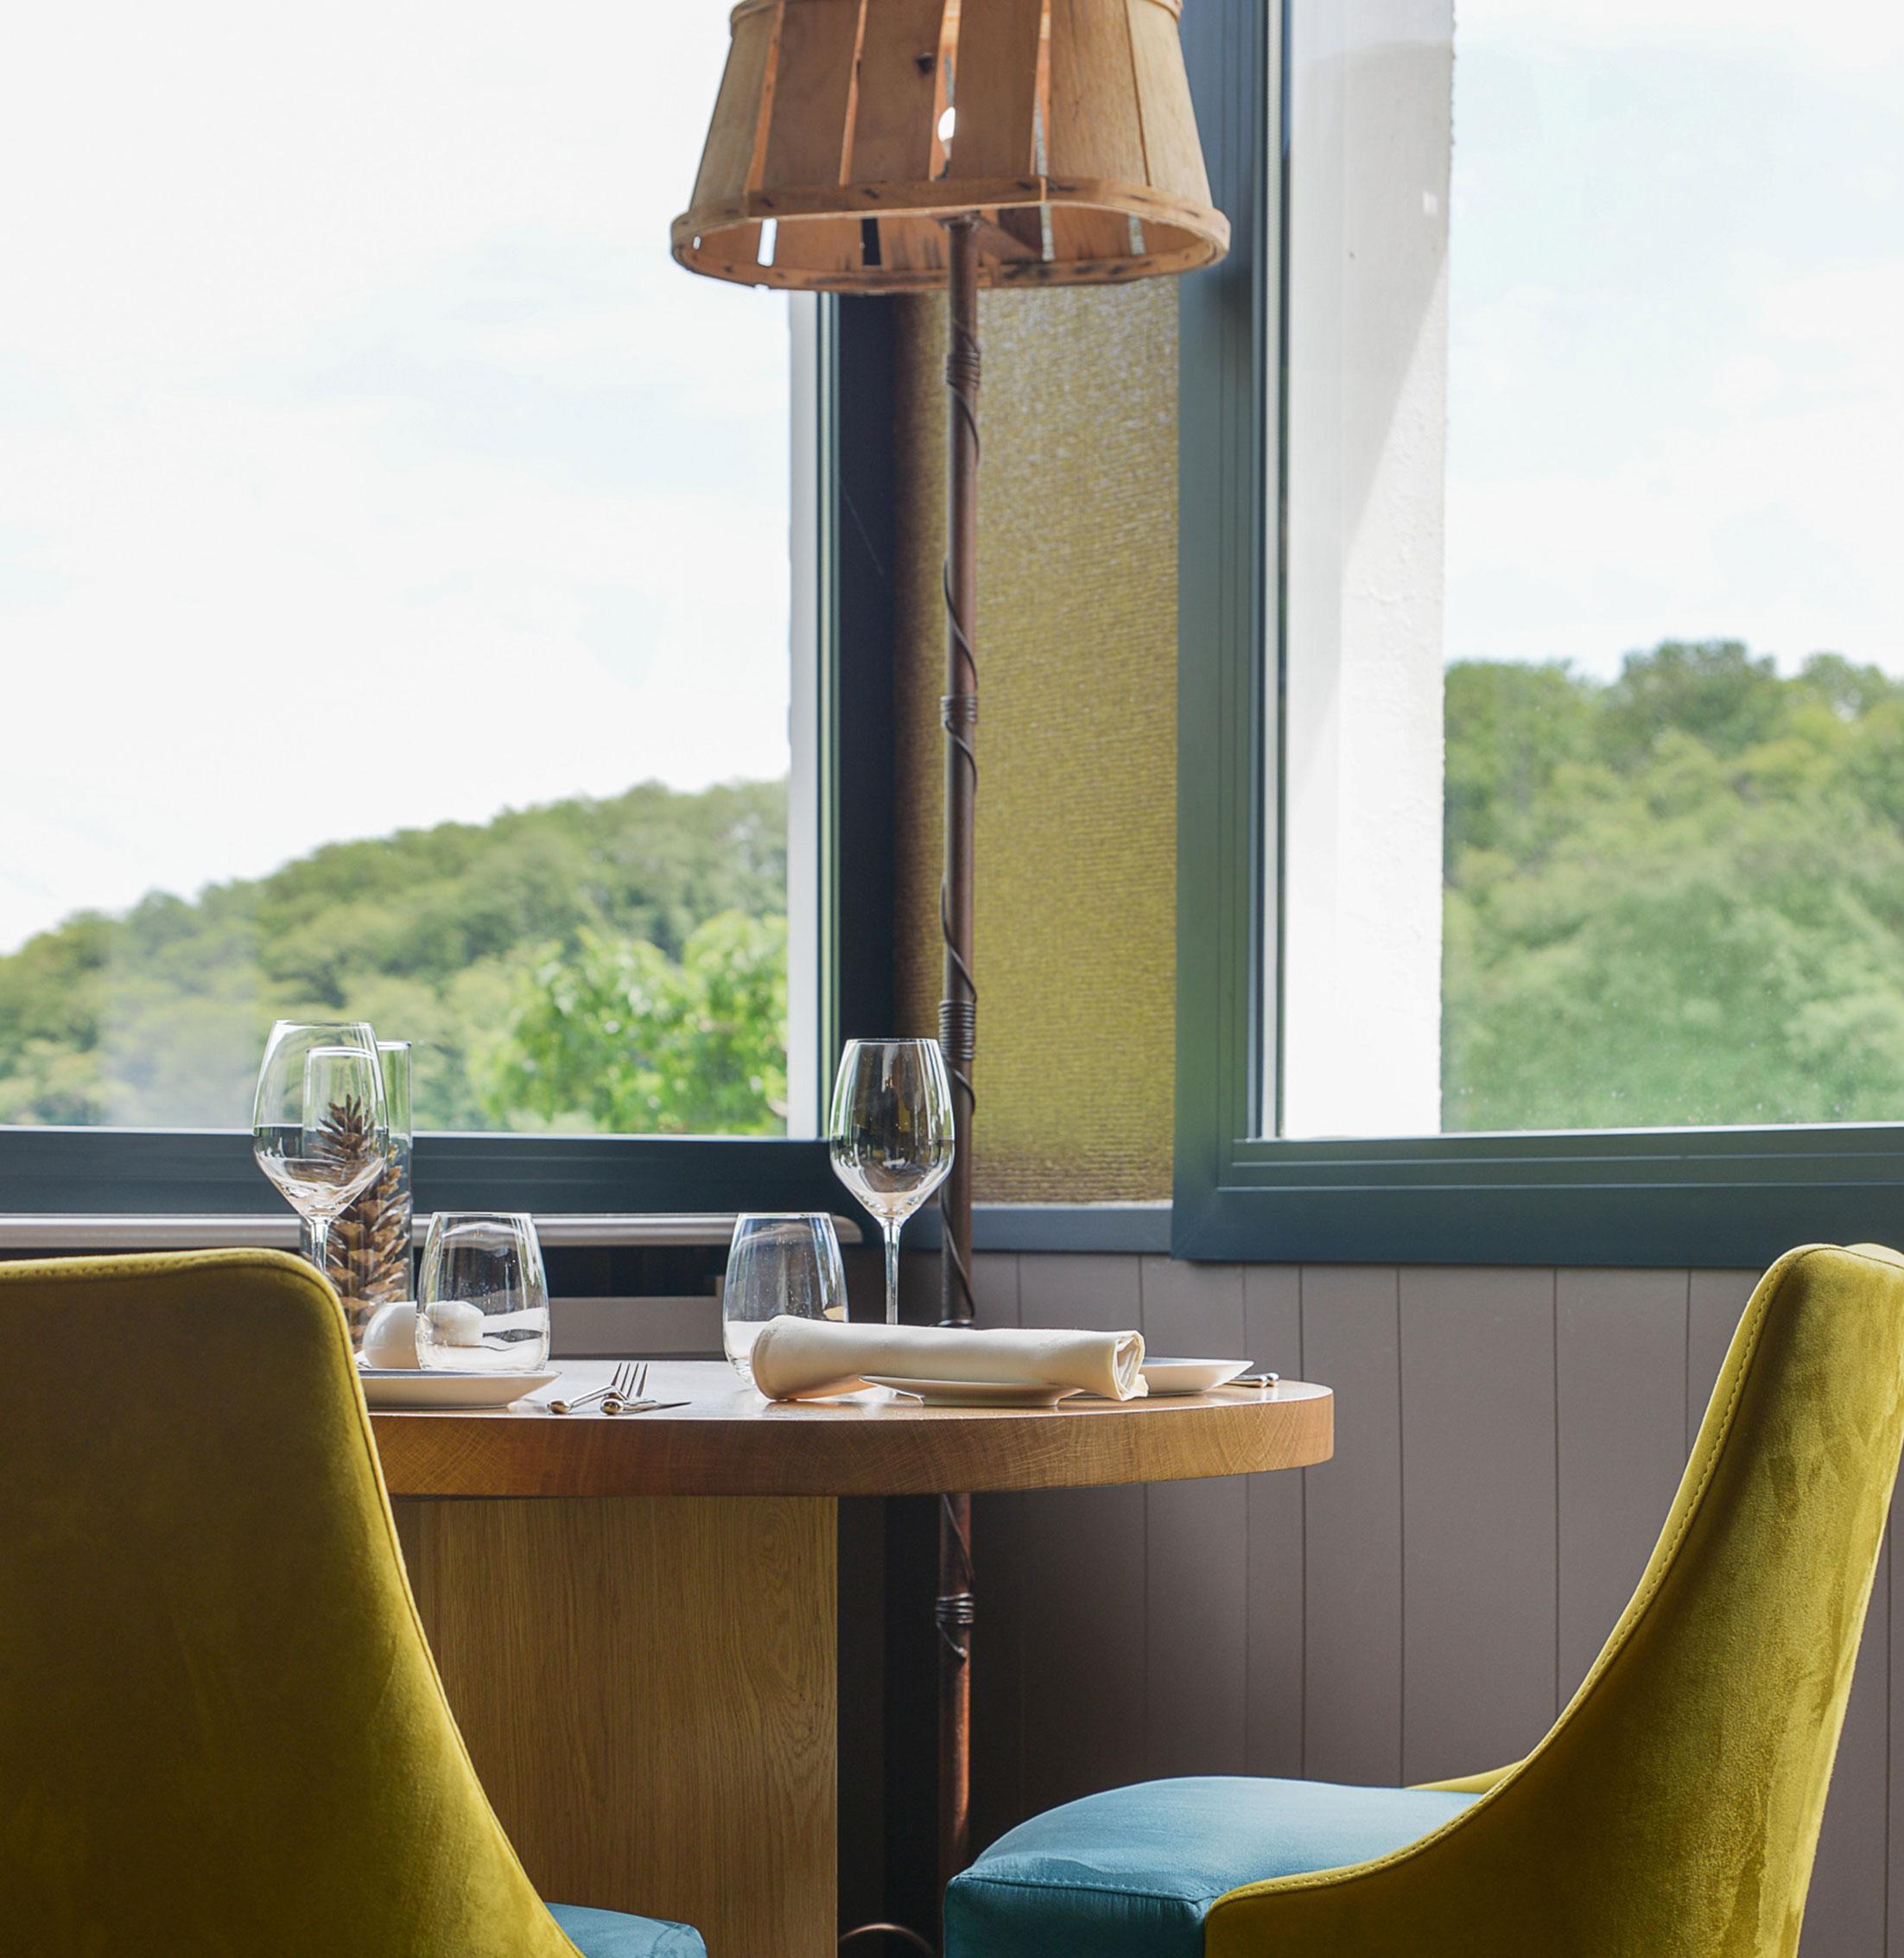 chaises bleu et jaune en velour, table en bois et grandes fenêtres